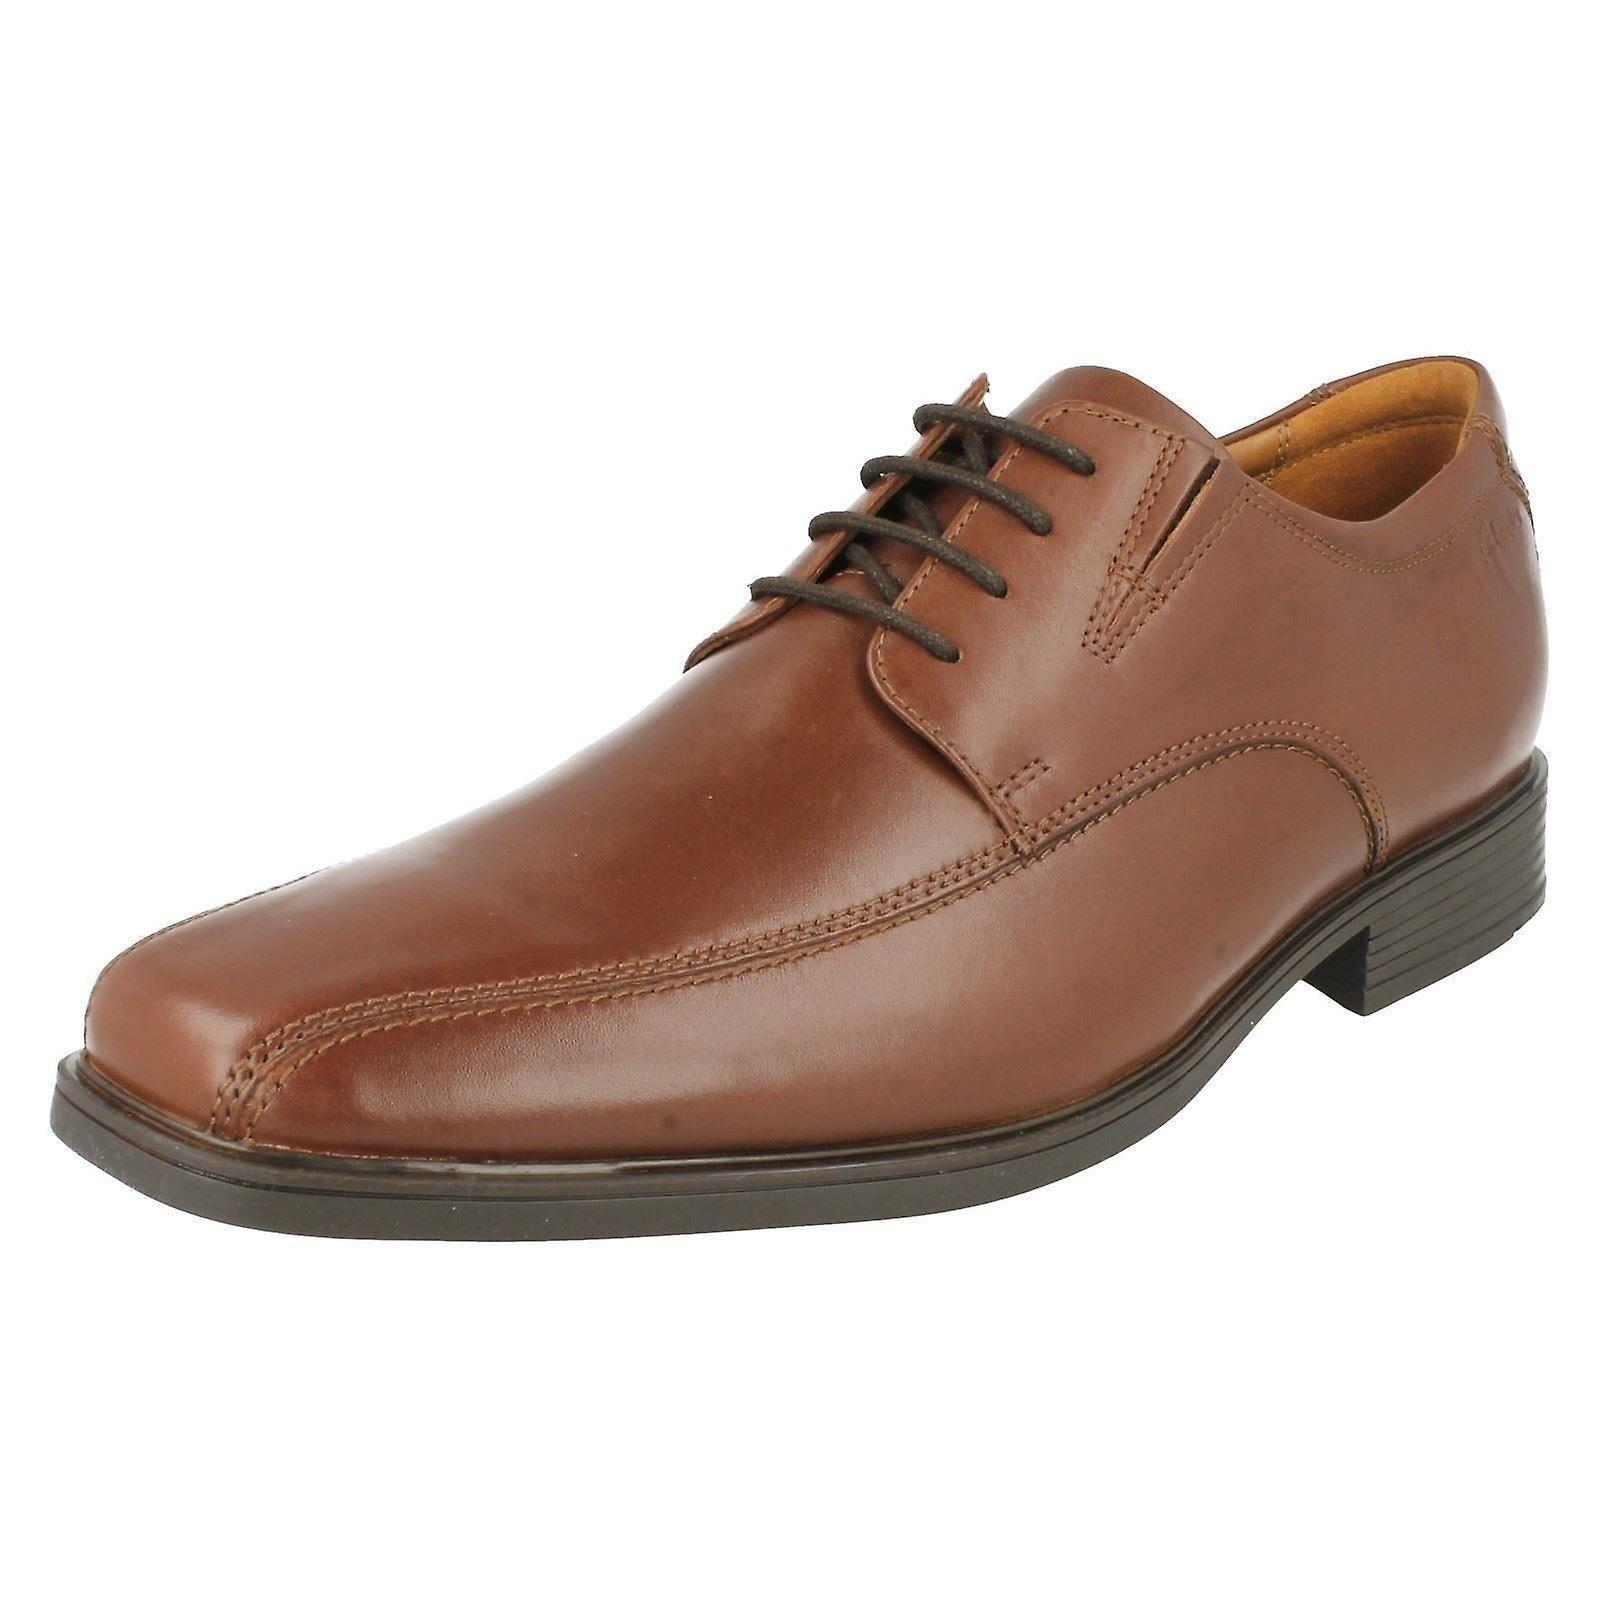 Mens Clarks Formal Shoes Tilden Walk